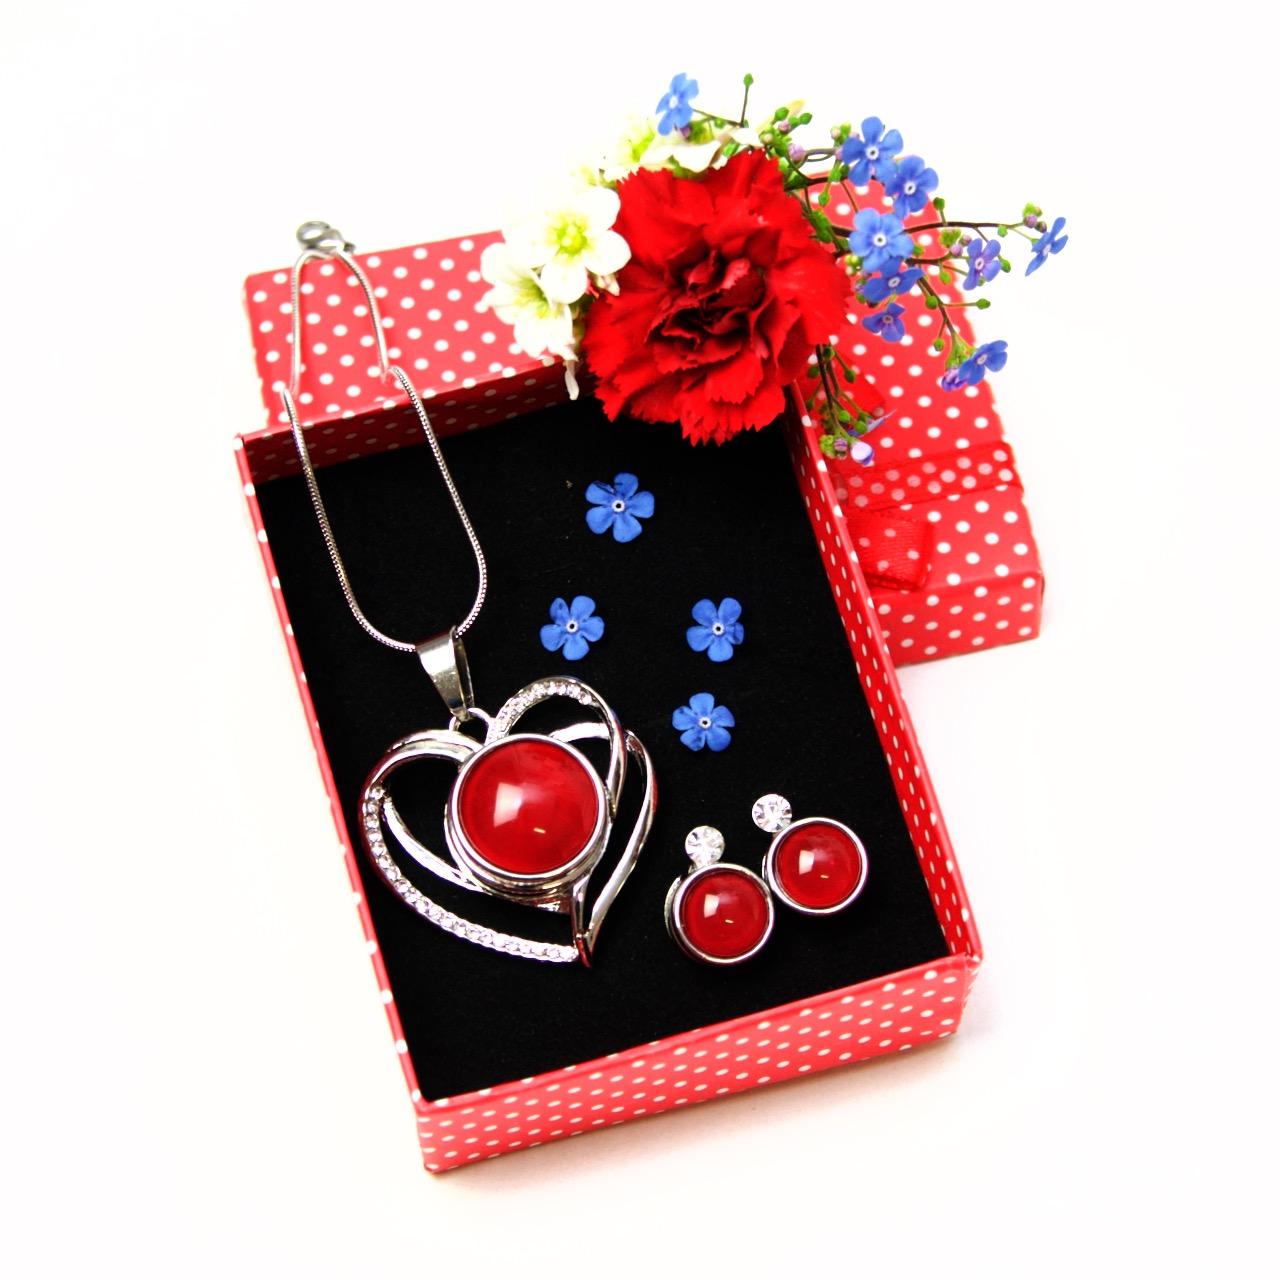 Druckknopf Set Herz mit Strass - Anhänger, Kette und Ohrringen - Farbwahl